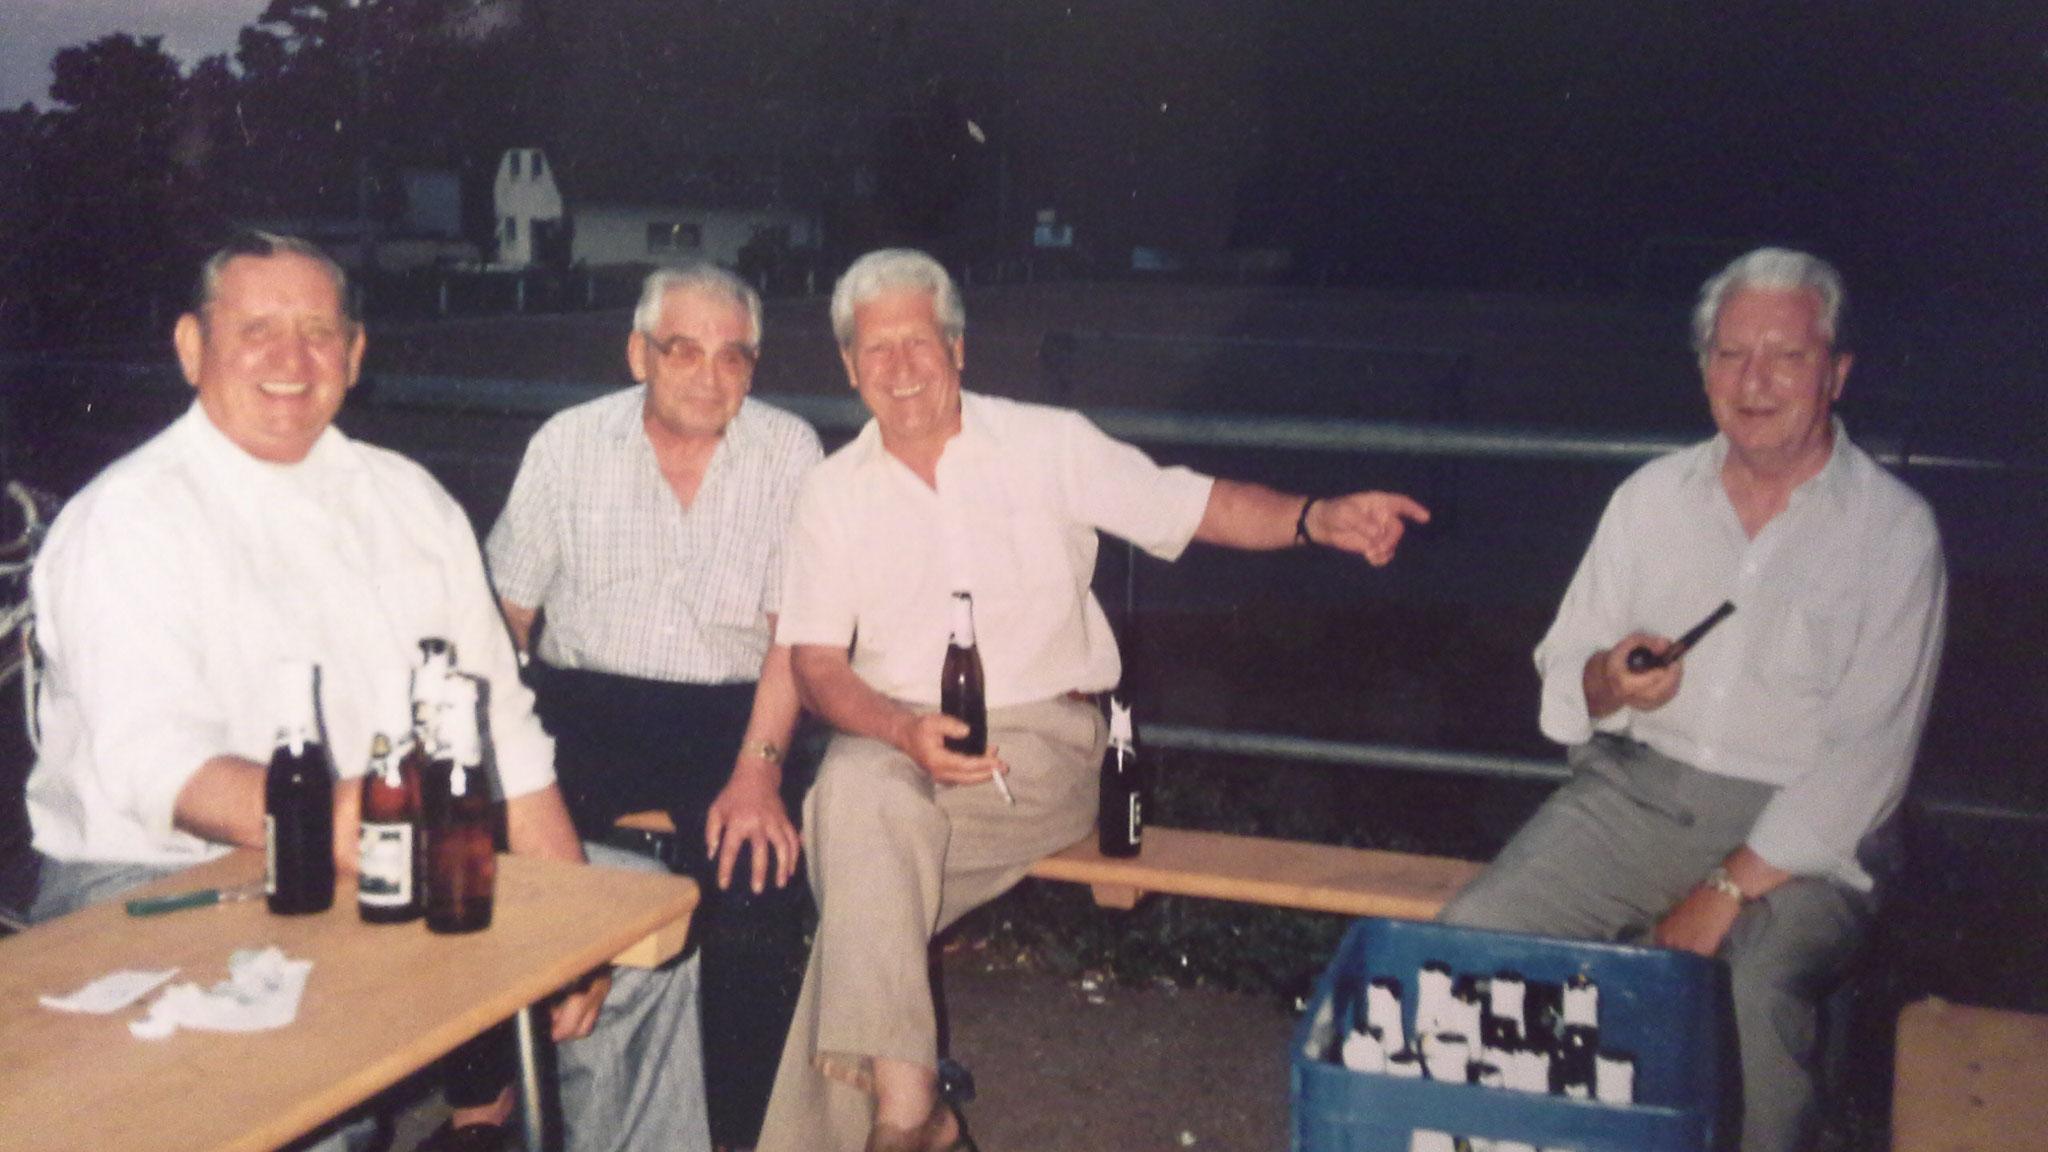 Ehrenmitglieder und ehemalige Fussballer der TuS - Glauben Klaus, Haupert ..., Amann Leonhard und Amann Adolf / 1990er Jahre